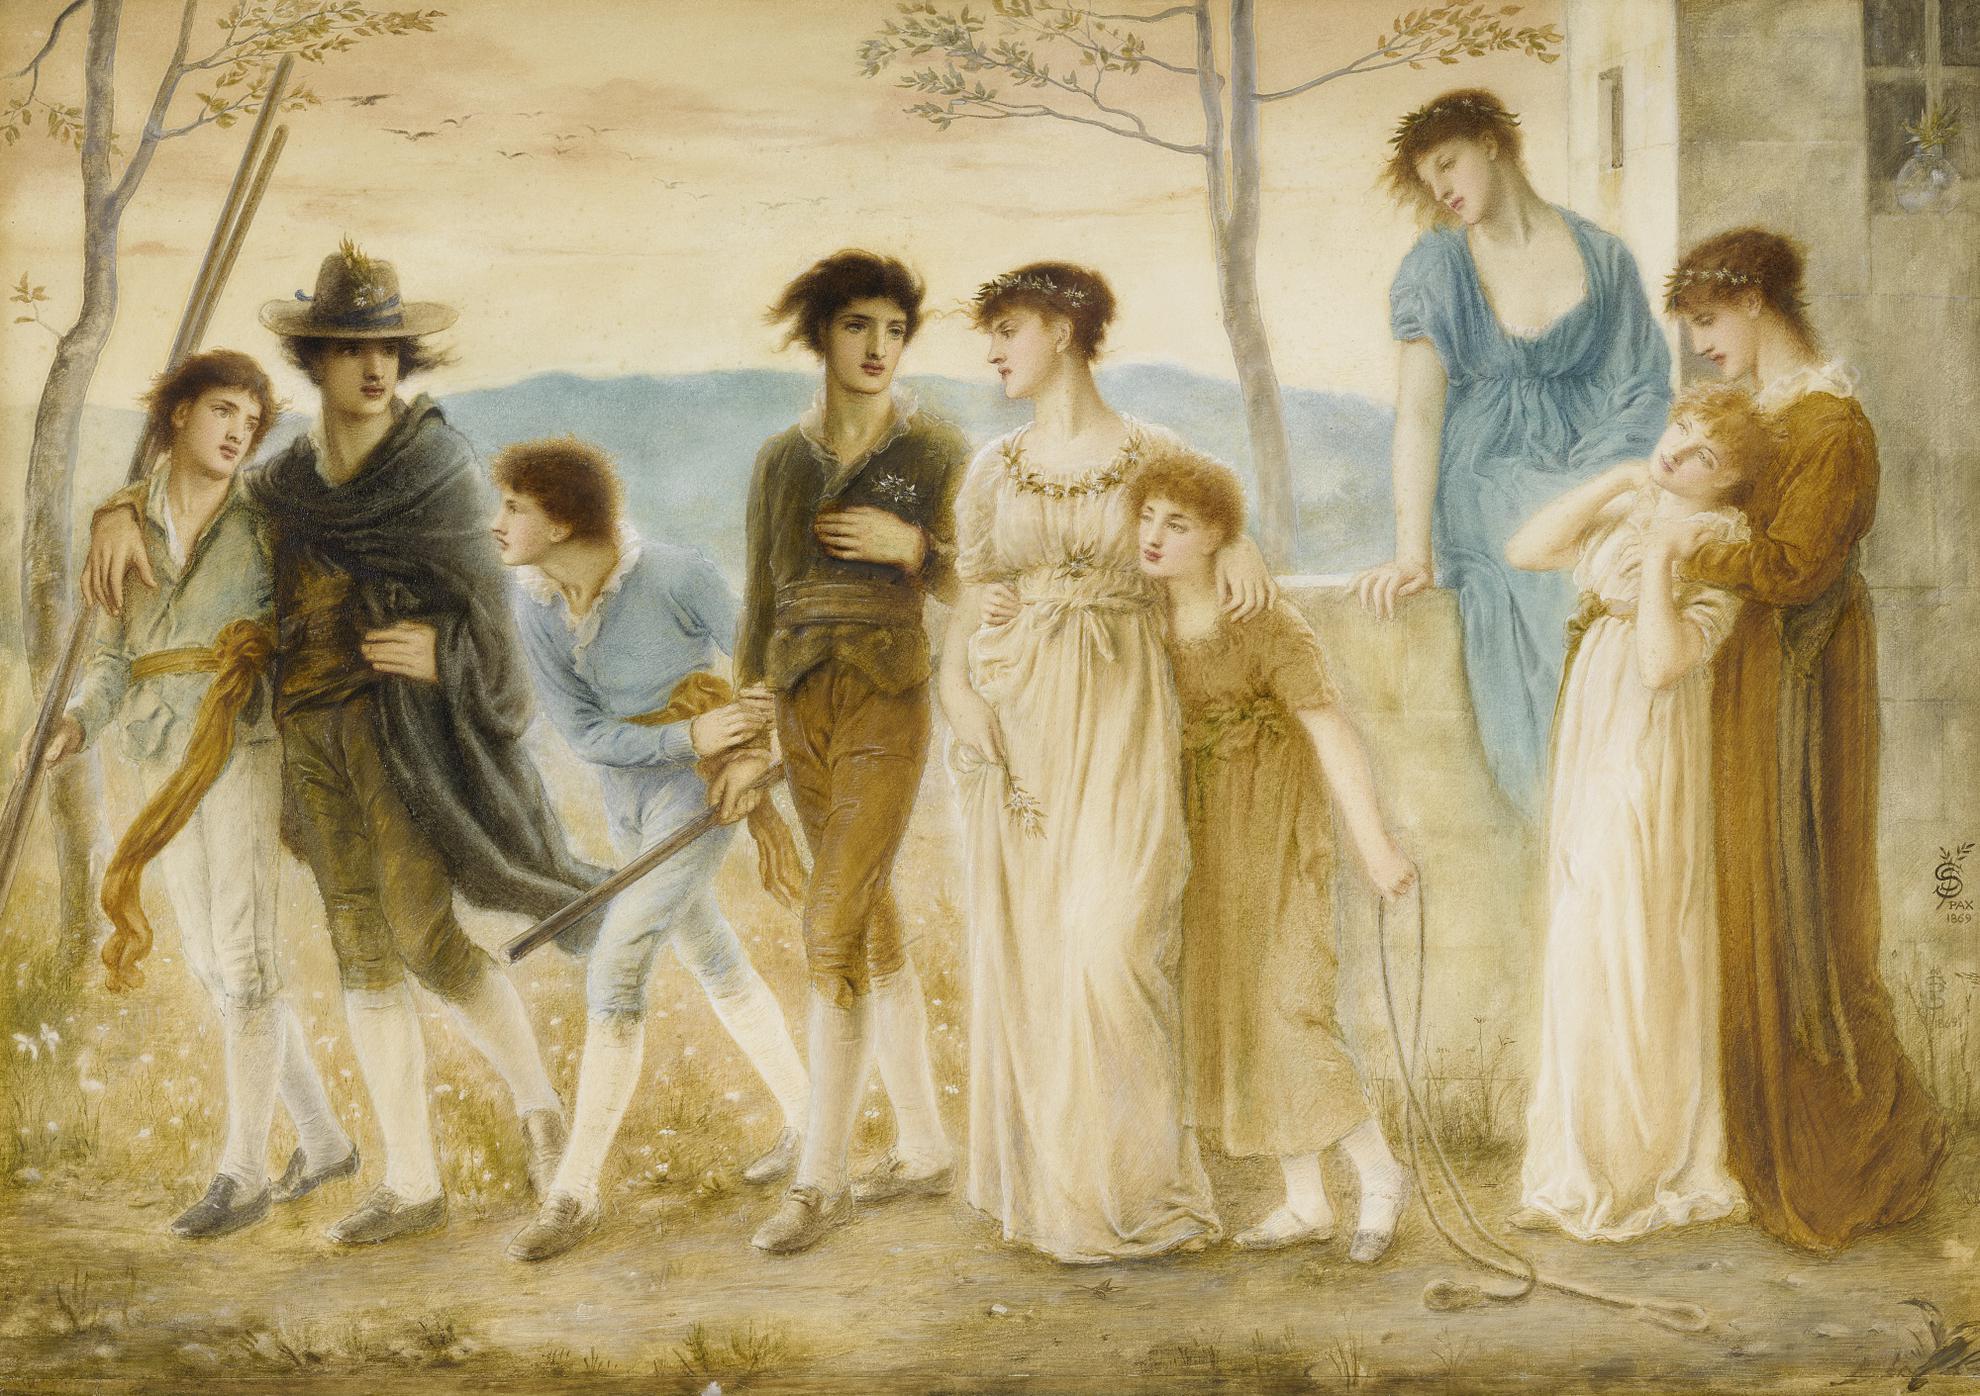 Simeon Solomon - In The Summer Twilight-1869